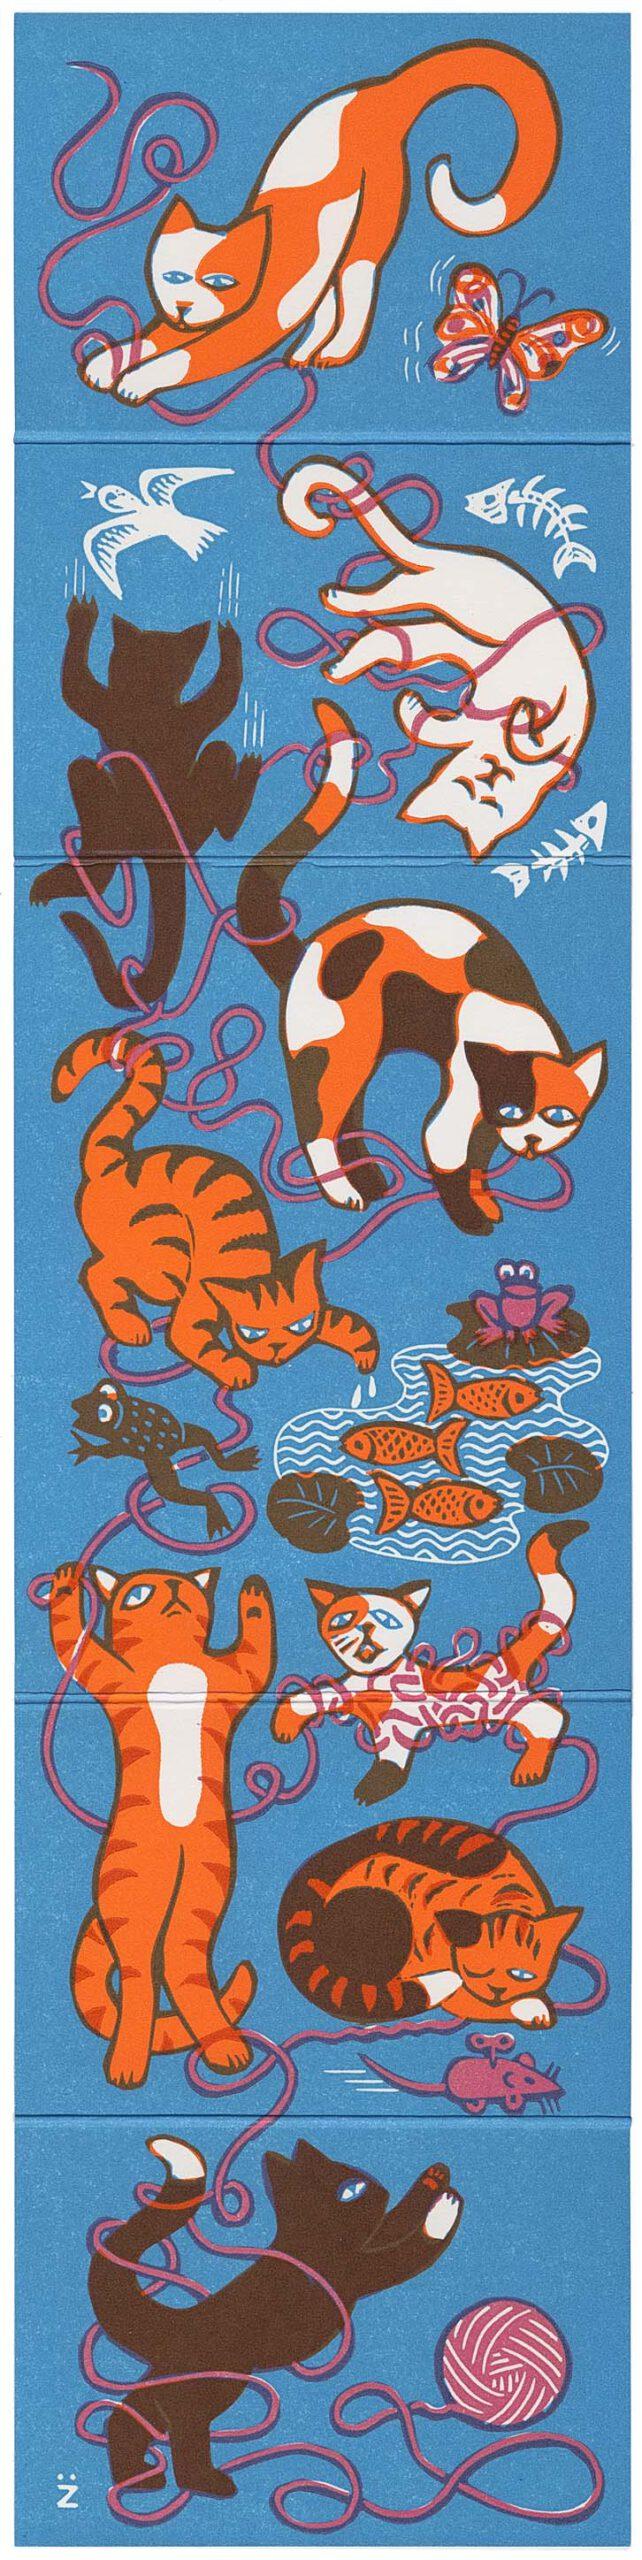 9 bunte Katzen spielen mit Wollknäuel